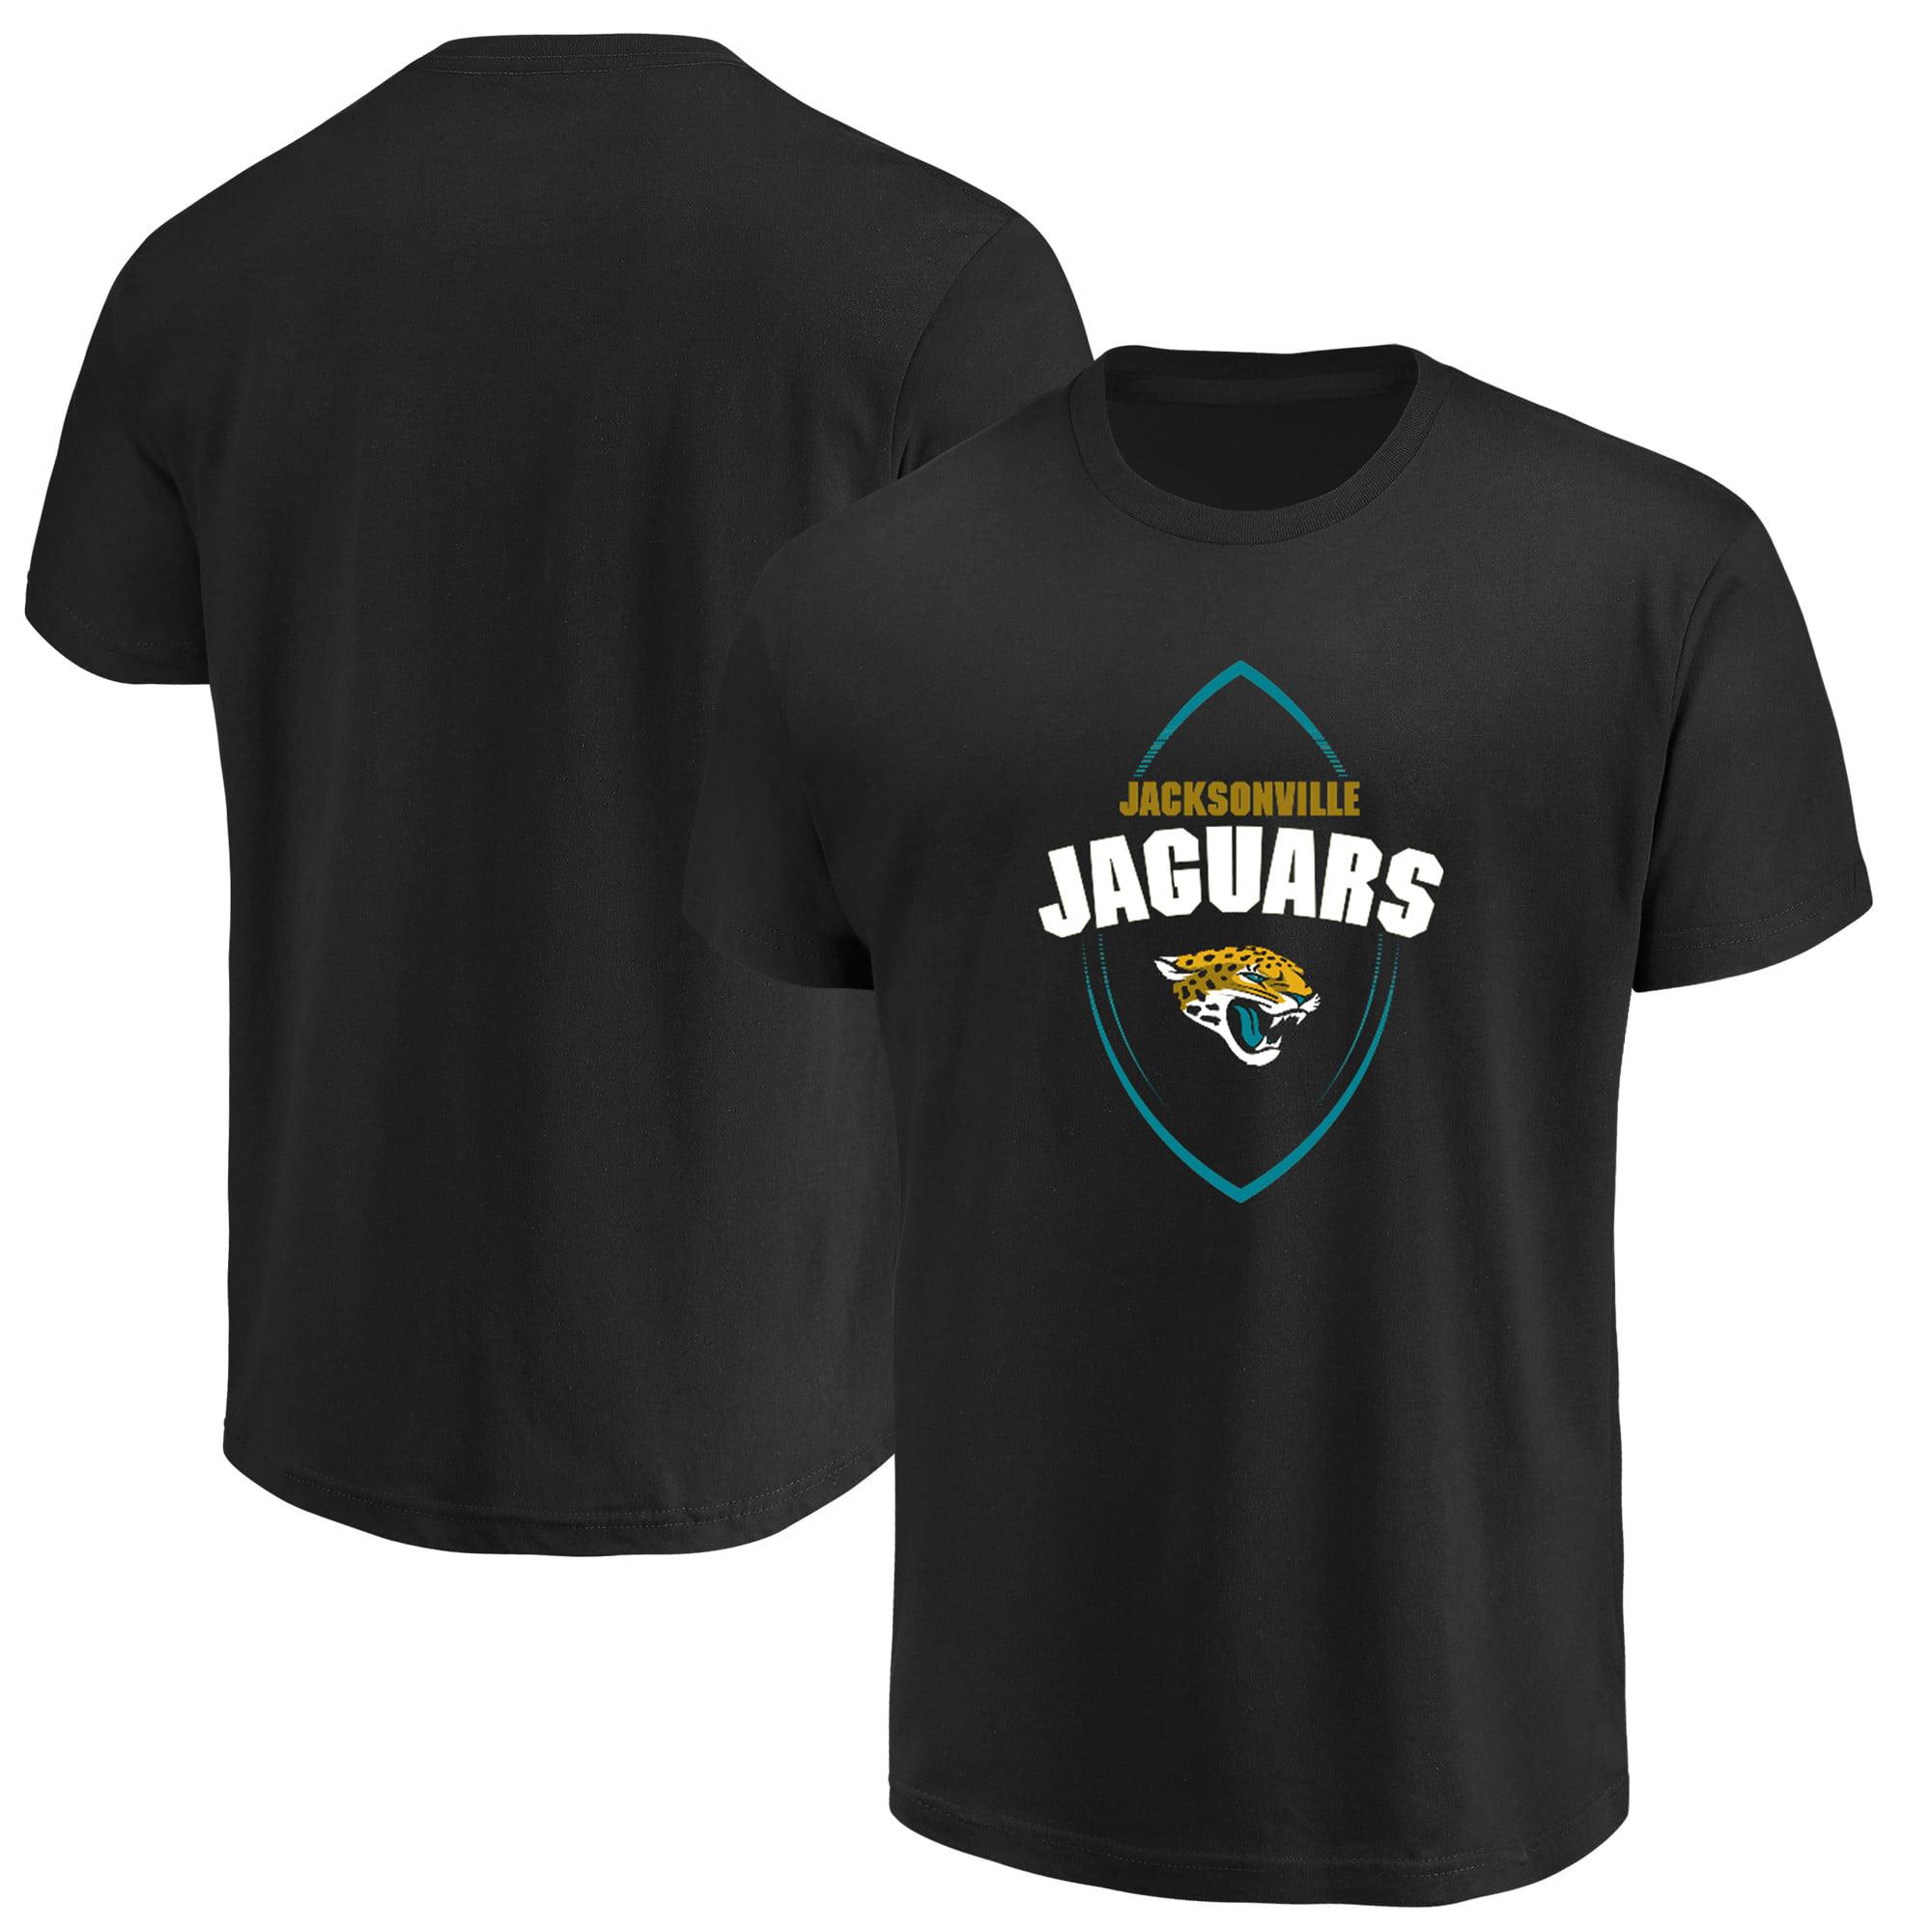 Jacksonville Jaguars Majestic Maximized Crew Neck T-Shirt - Black